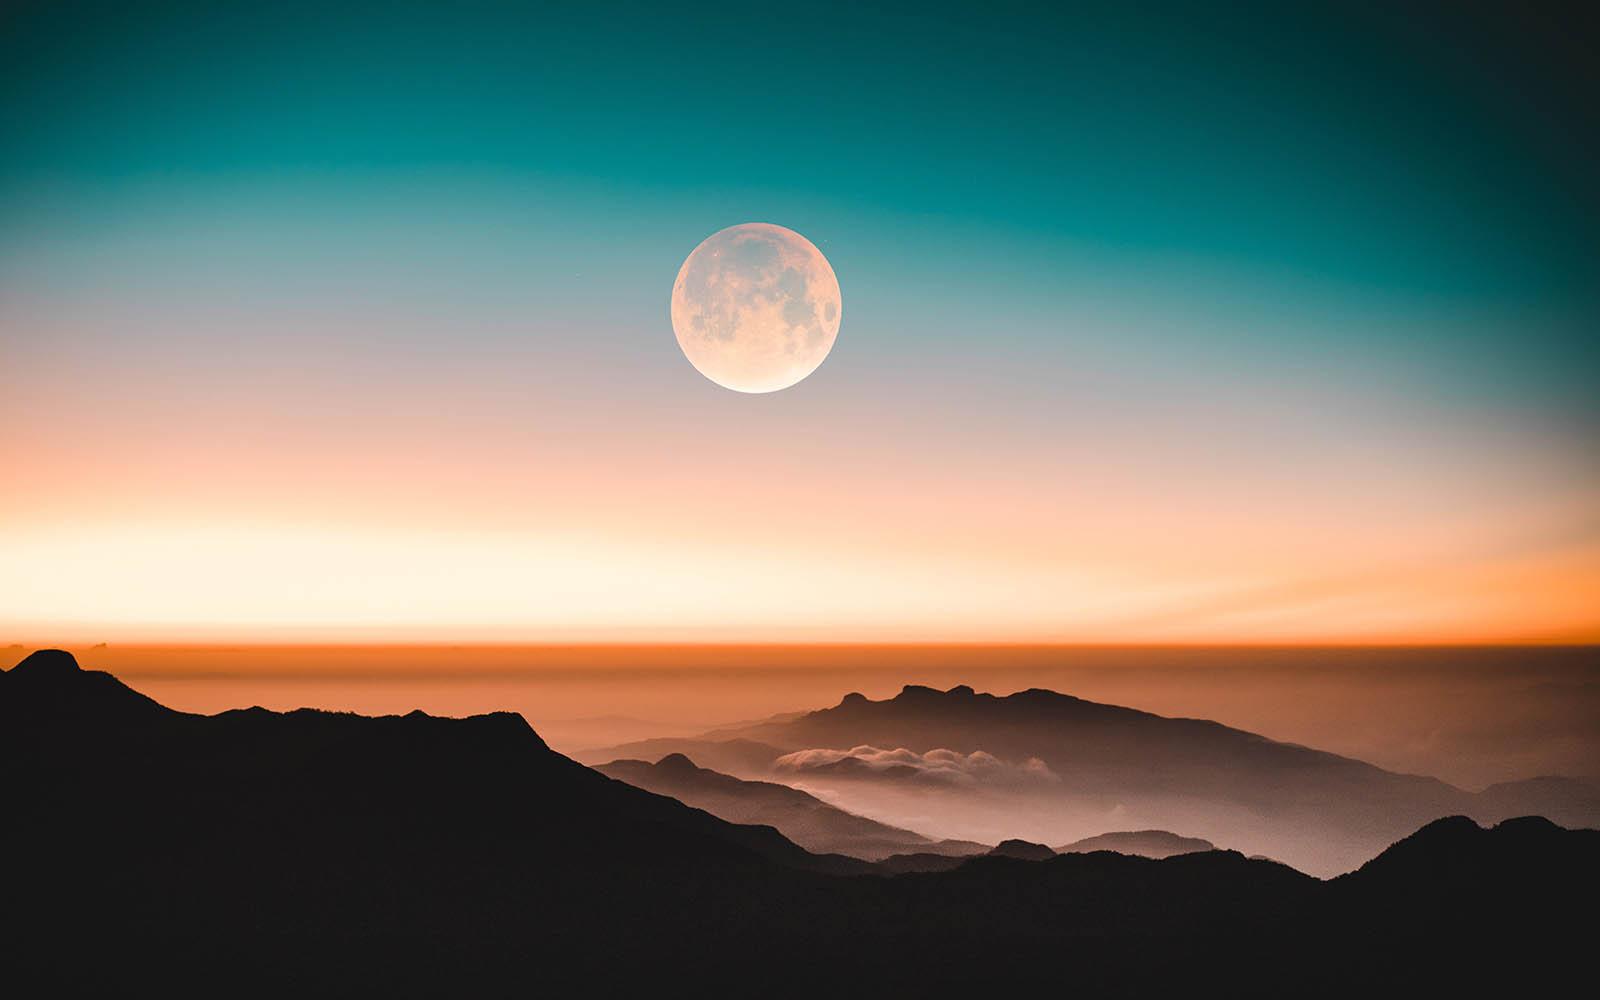 ماه کامل و خط افق